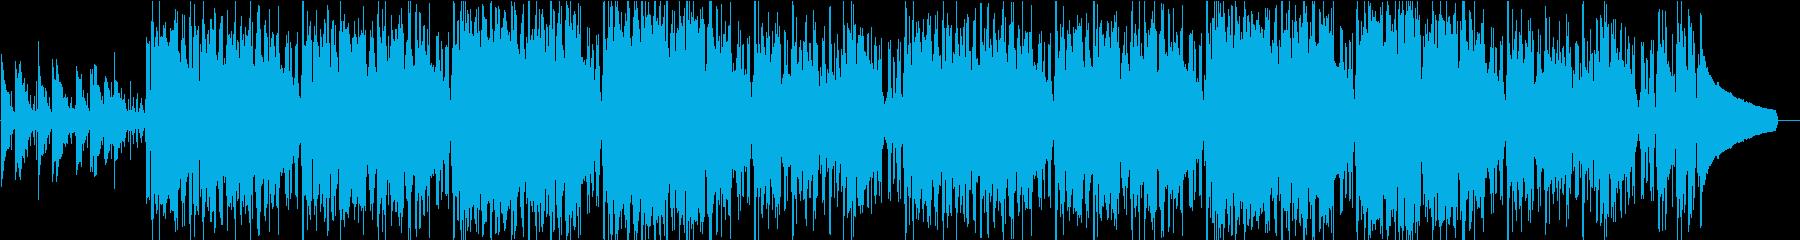 クールで緊張感のあるアシッドジャズの再生済みの波形